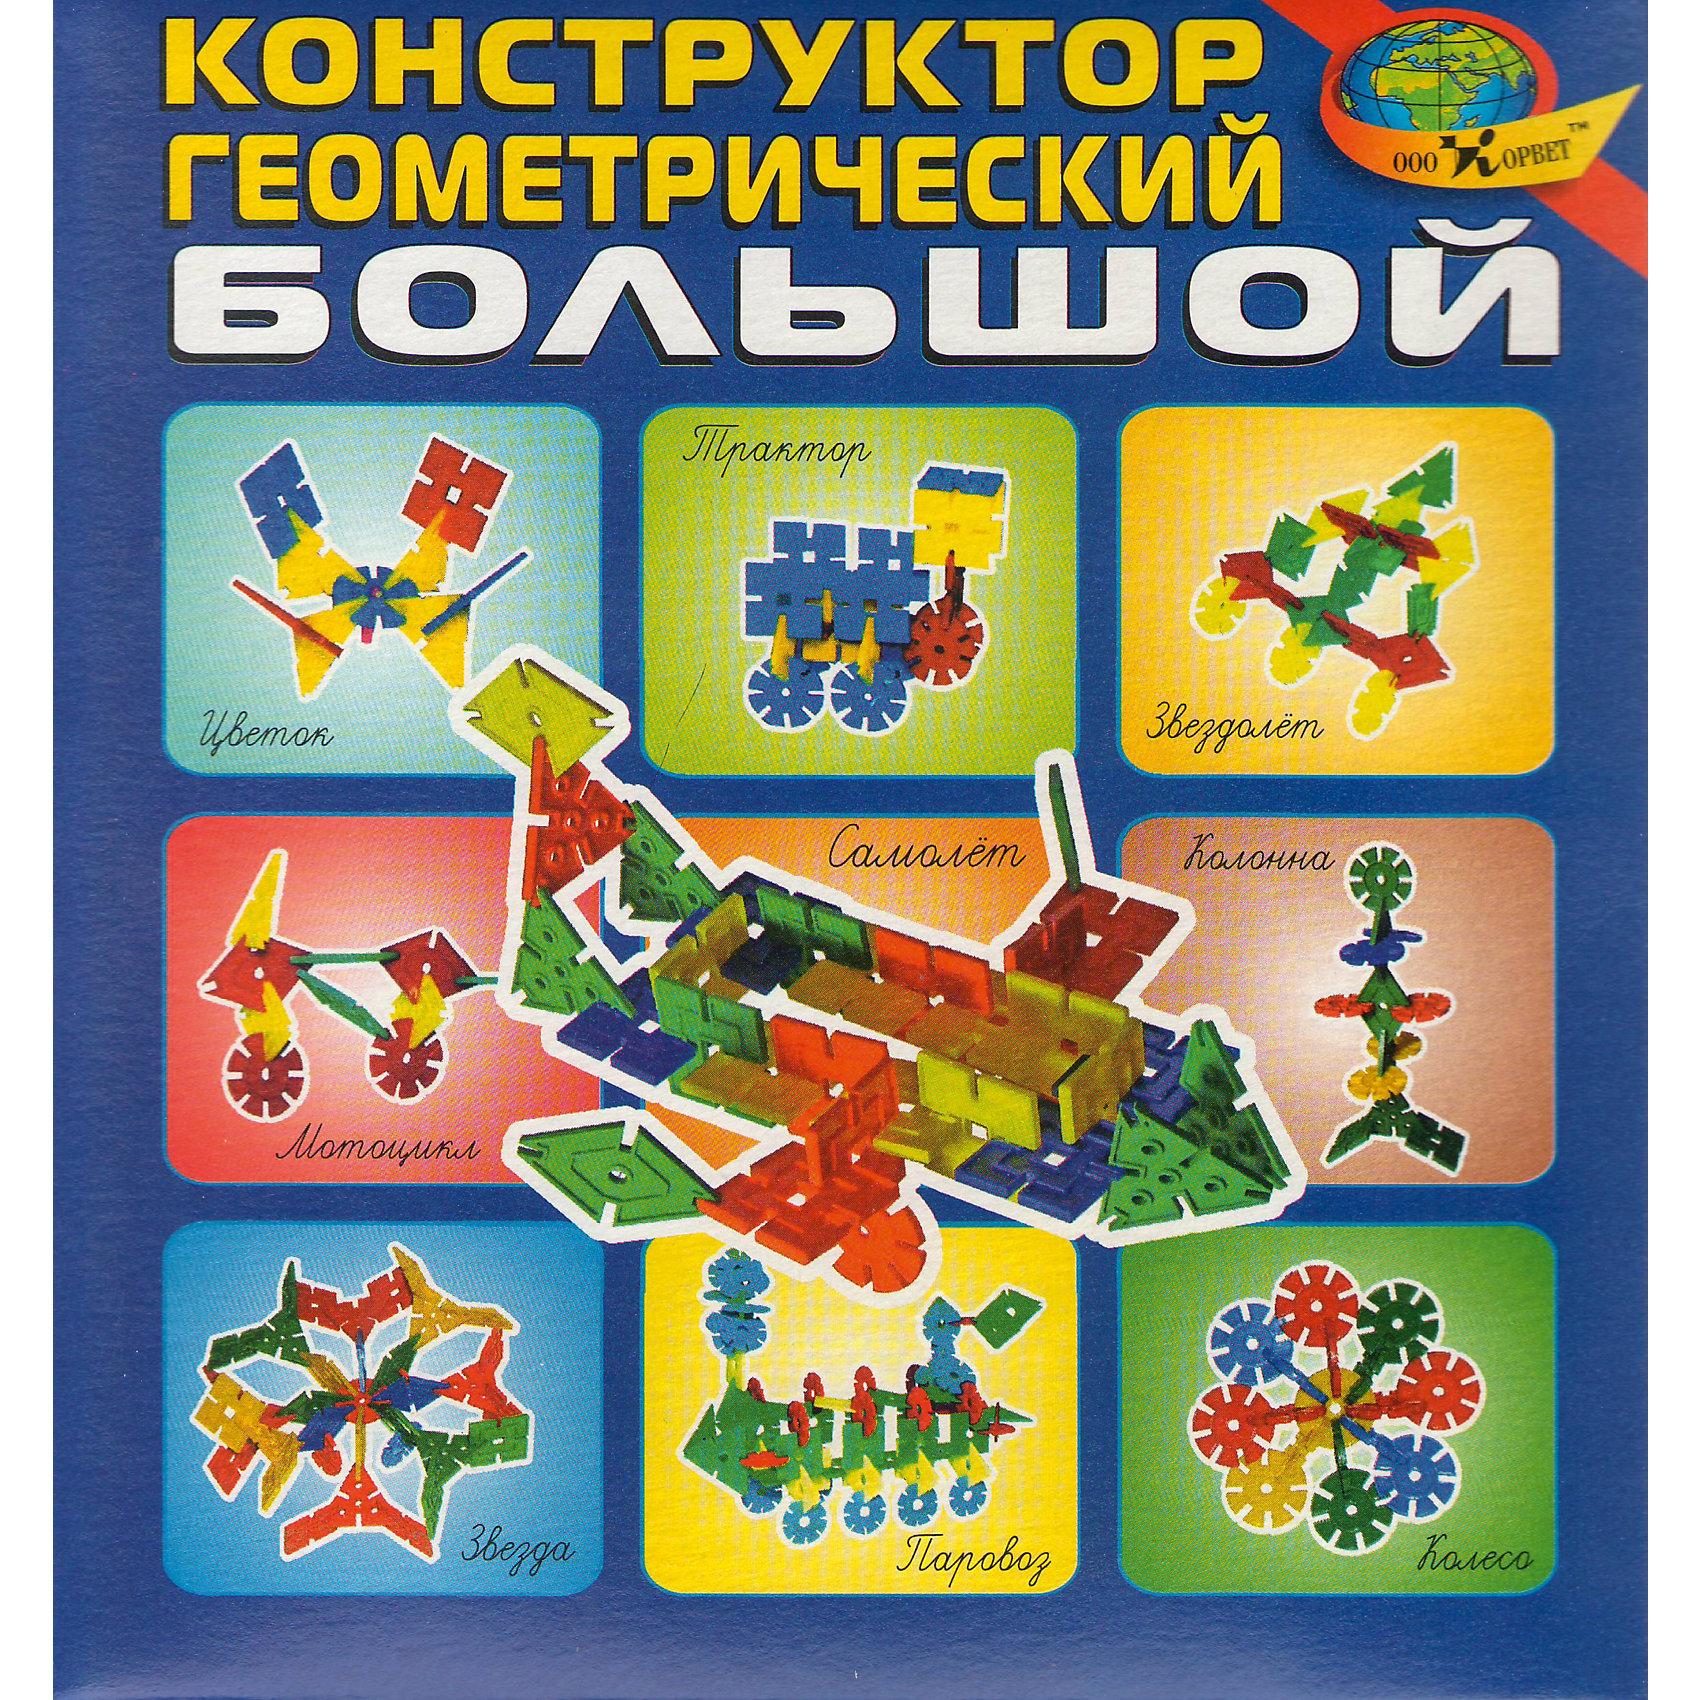 Развивающая игра Конструктор геомертический (большой)В комплект входят плоские геометрические фигуры (квадрат, ромб, треугольник, круг) с прорезями для соединения. Фигуры четырех цветов.<br><br>Ширина мм: 15<br>Глубина мм: 16<br>Высота мм: 2<br>Вес г: 110<br>Возраст от месяцев: 36<br>Возраст до месяцев: 2147483647<br>Пол: Унисекс<br>Возраст: Детский<br>SKU: 4803028